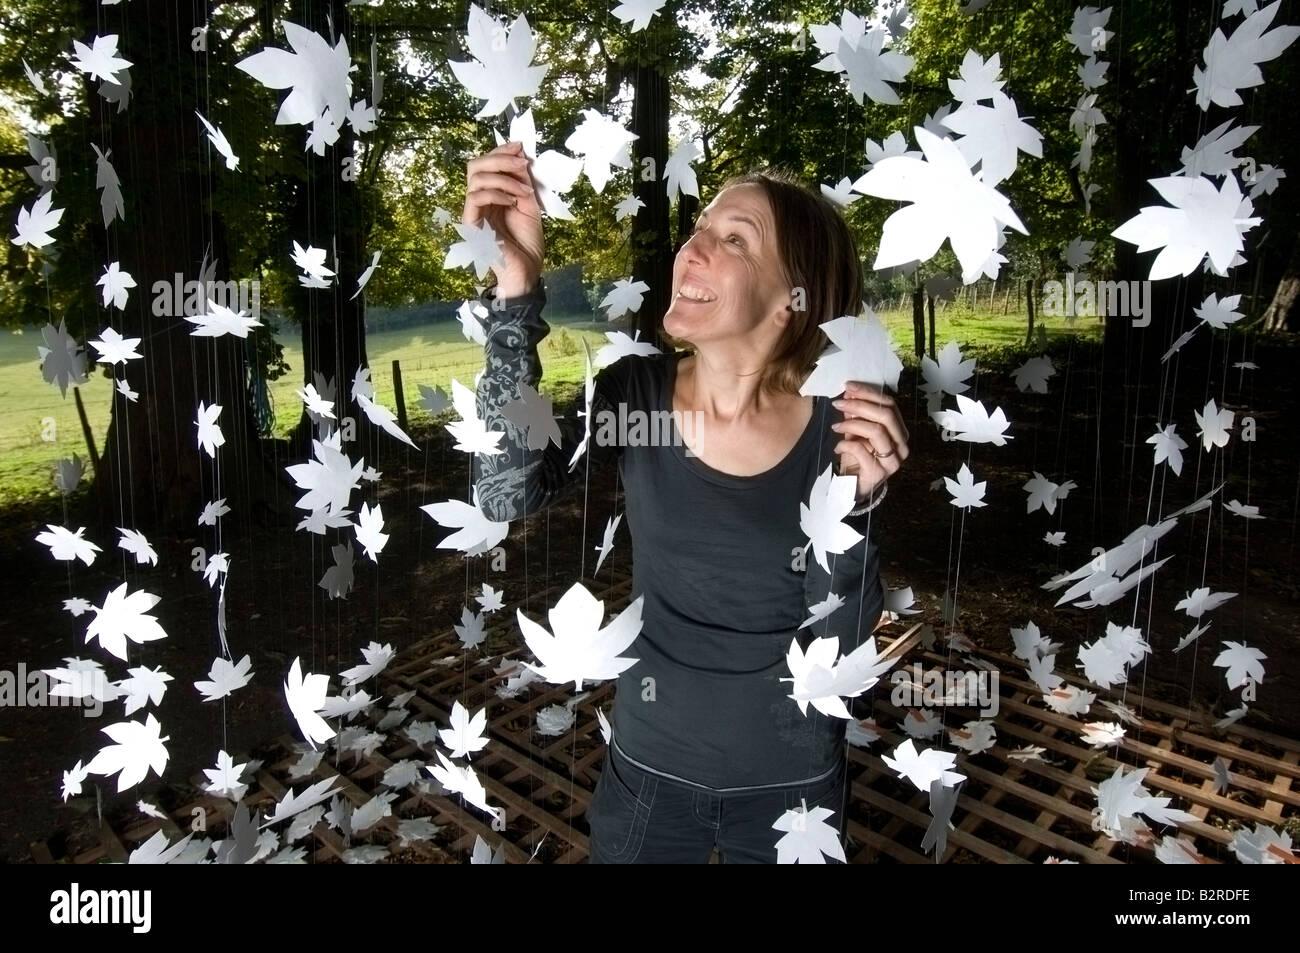 Eine Frau mit einem Vorhang aus Bergahorn Blattformen unter einem ...